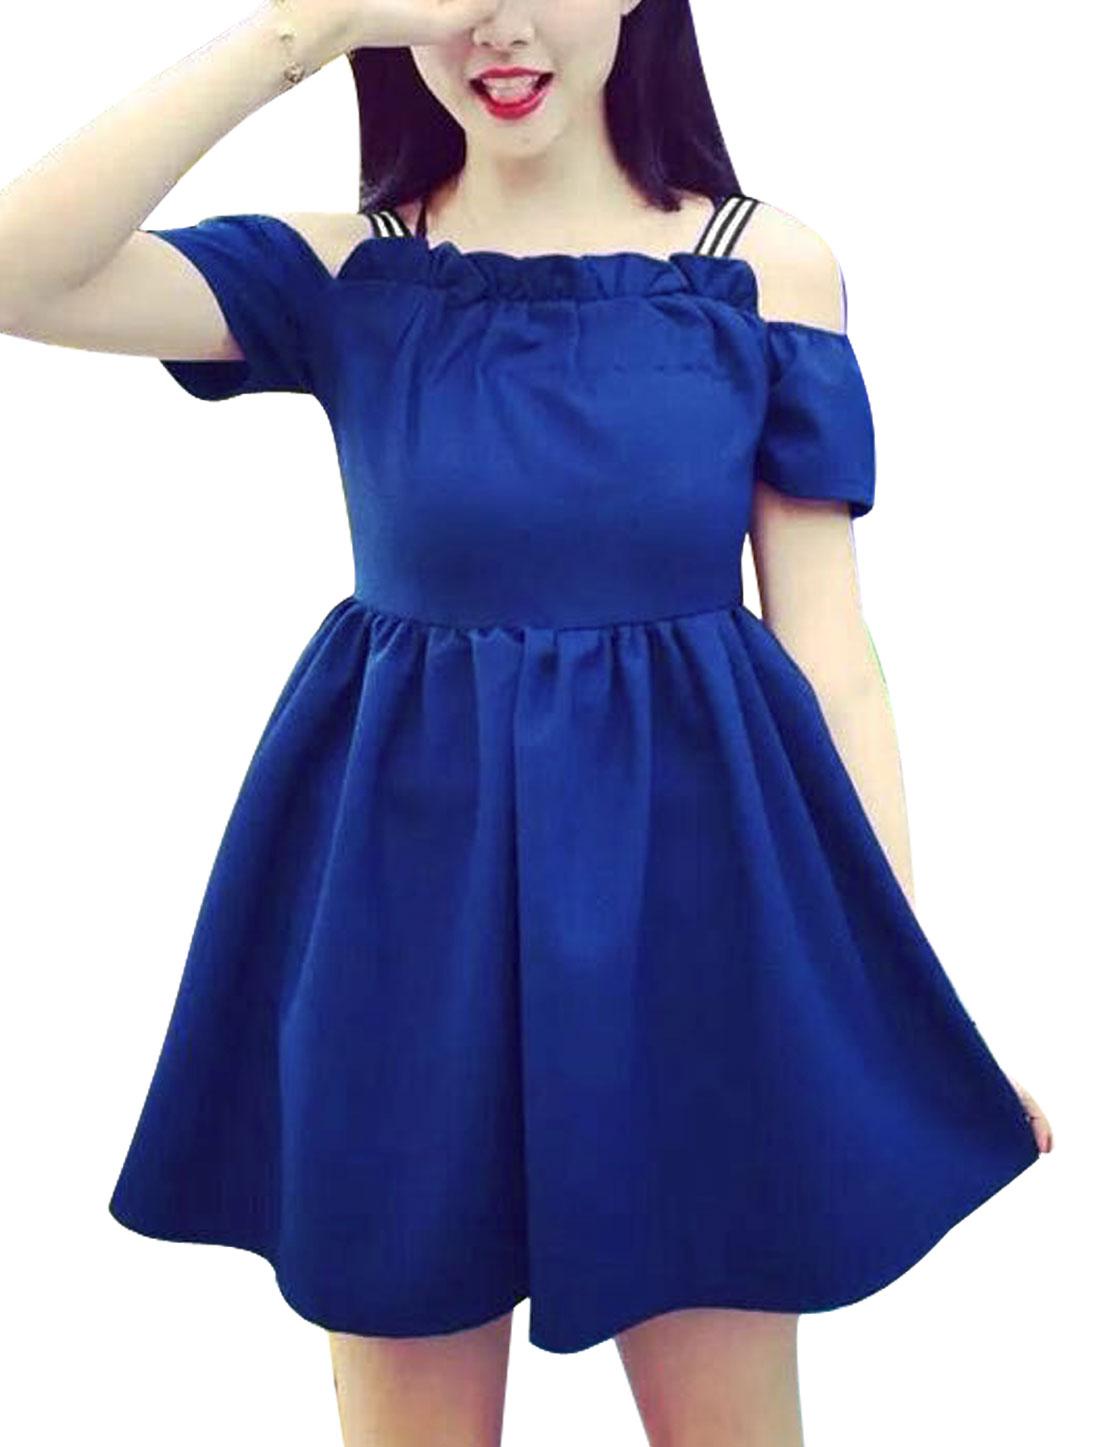 Women Cut Out Shoulder Unlined Leisure Dresses Royal Blue XS